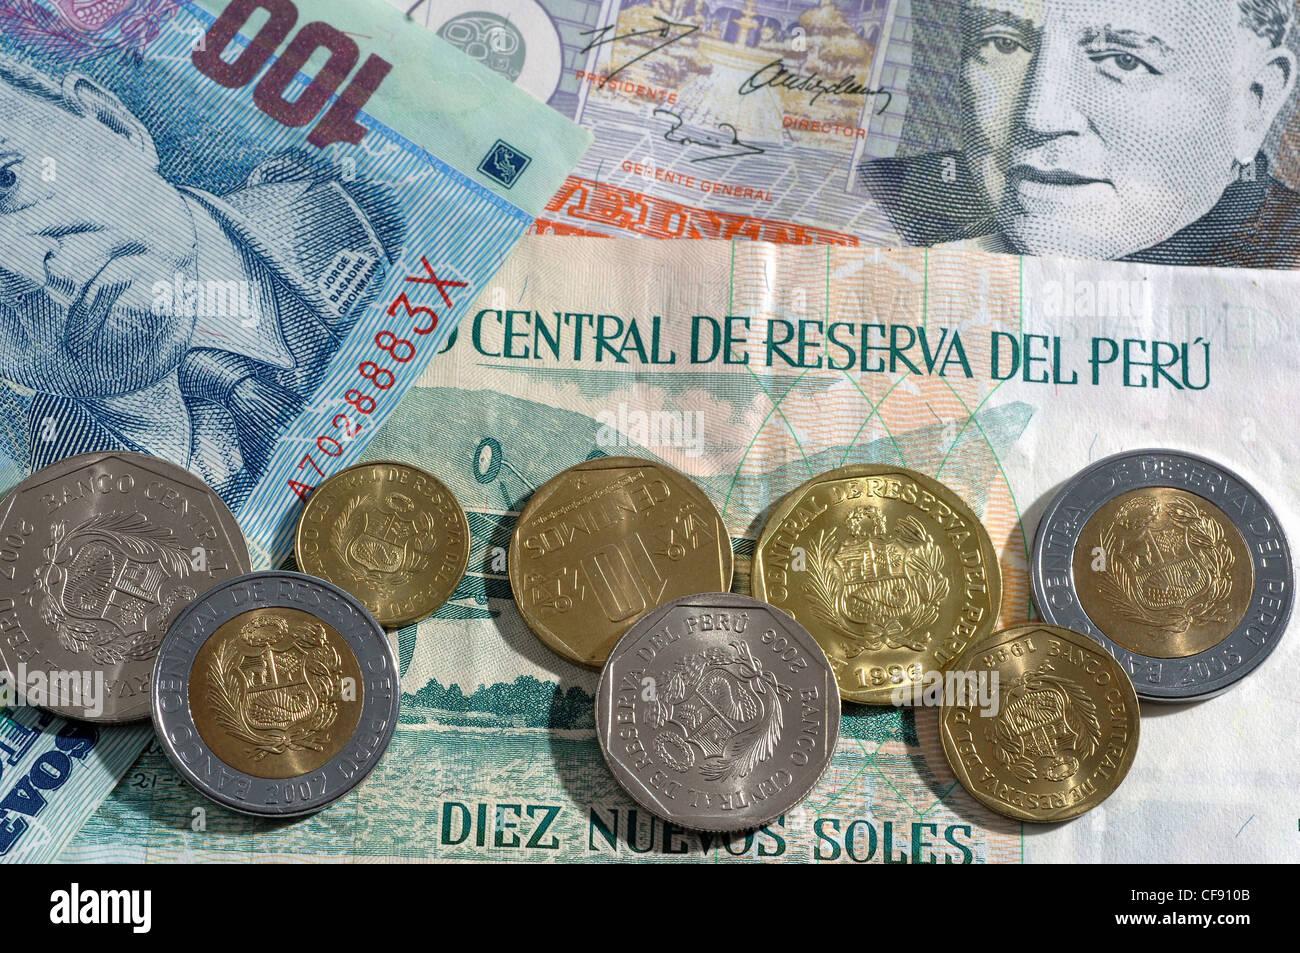 Geld banknoten mnzen bunt centimos whrung peru stockfoto geld banknoten mnzen bunt centimos whrung peru thecheapjerseys Images